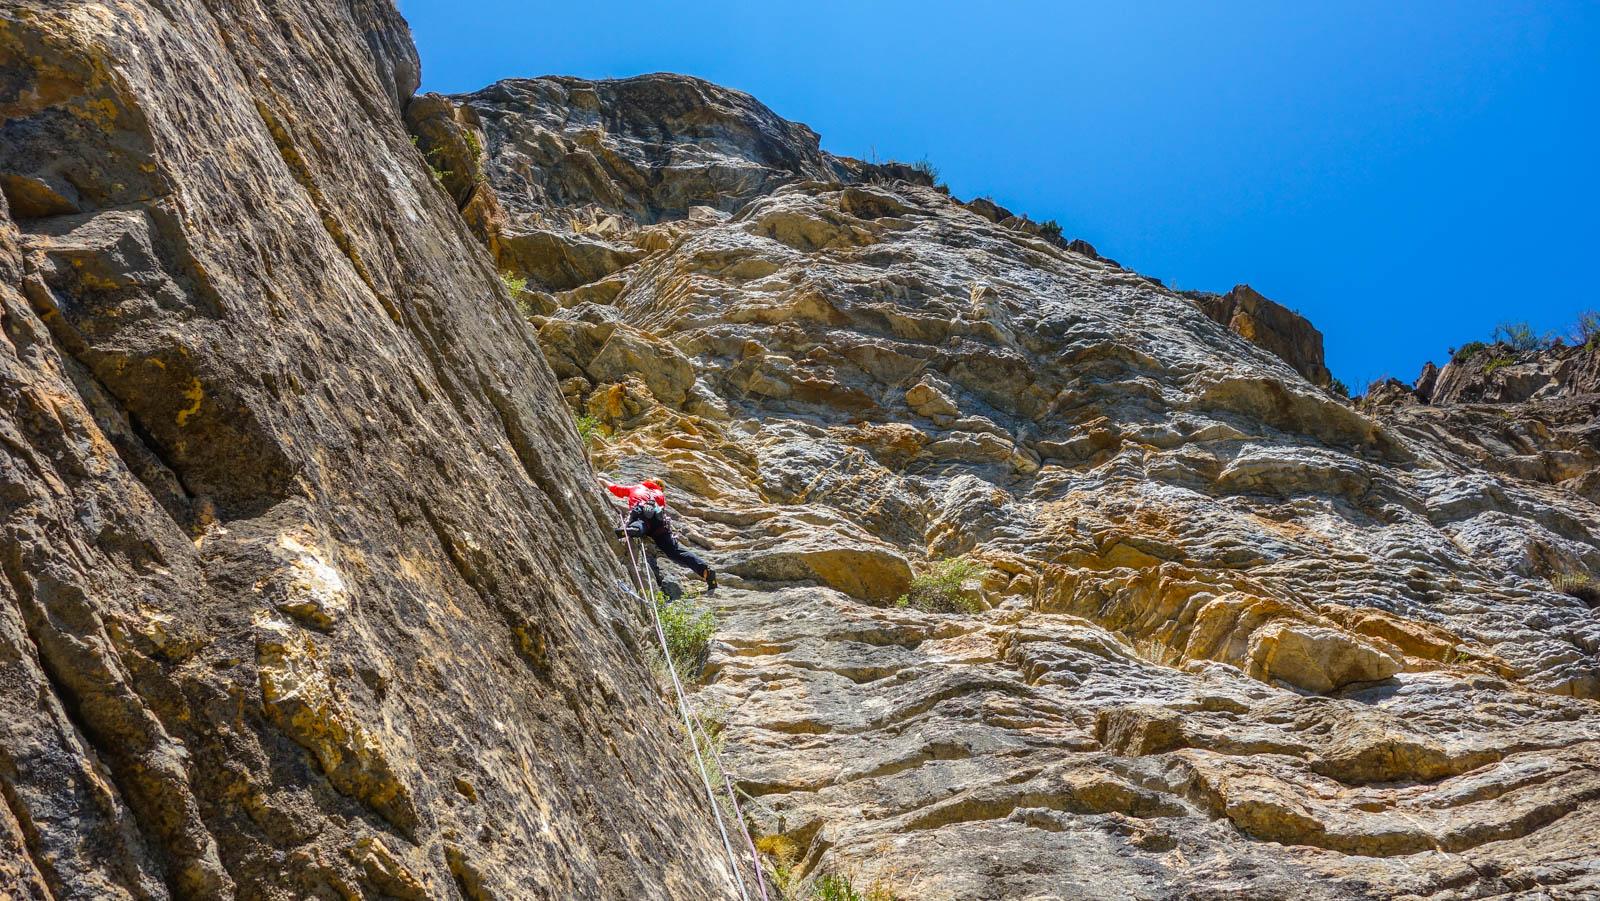 Escalada en roca: Diedro de Escarrilla o Diedro Sajuma